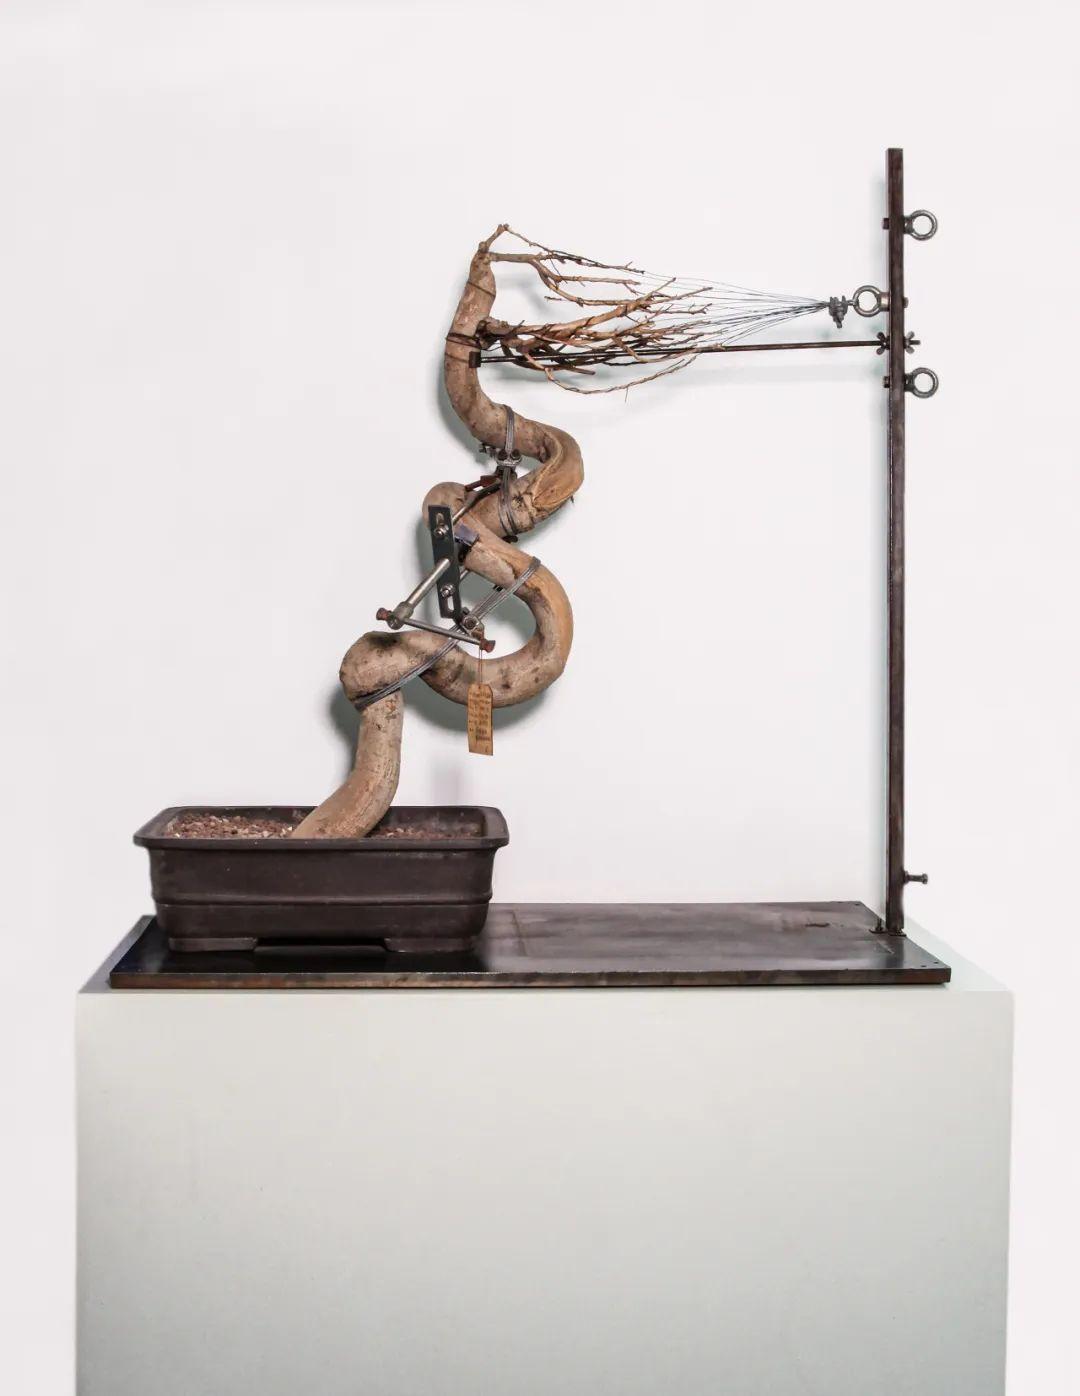 沈少民,《盆景6 号》(2007),植物、铁,私人收藏。图片由艺术家和奕来画廊提供